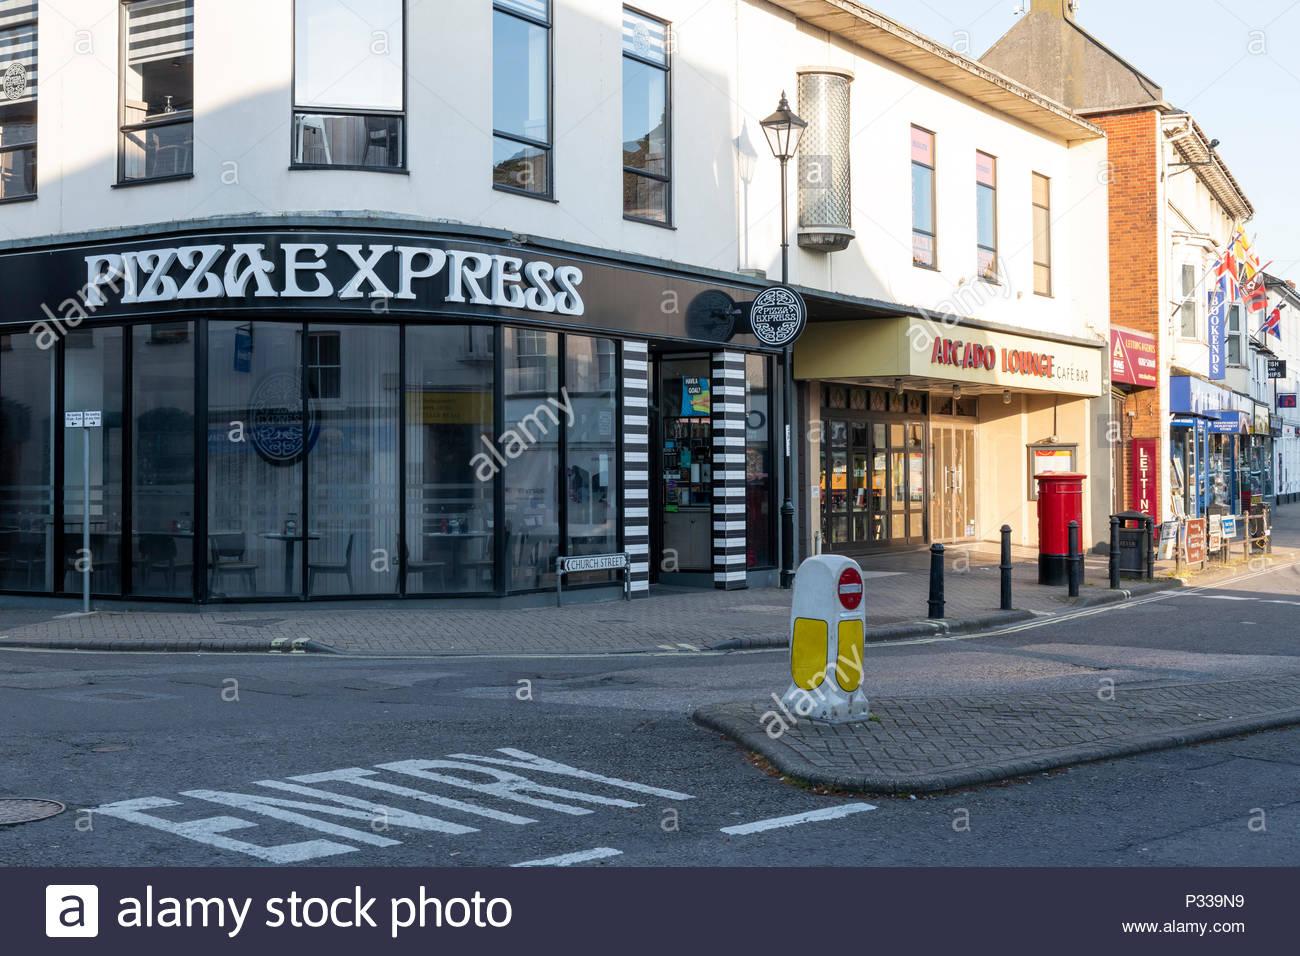 Pizza Express High Street Christchurch Dorset England